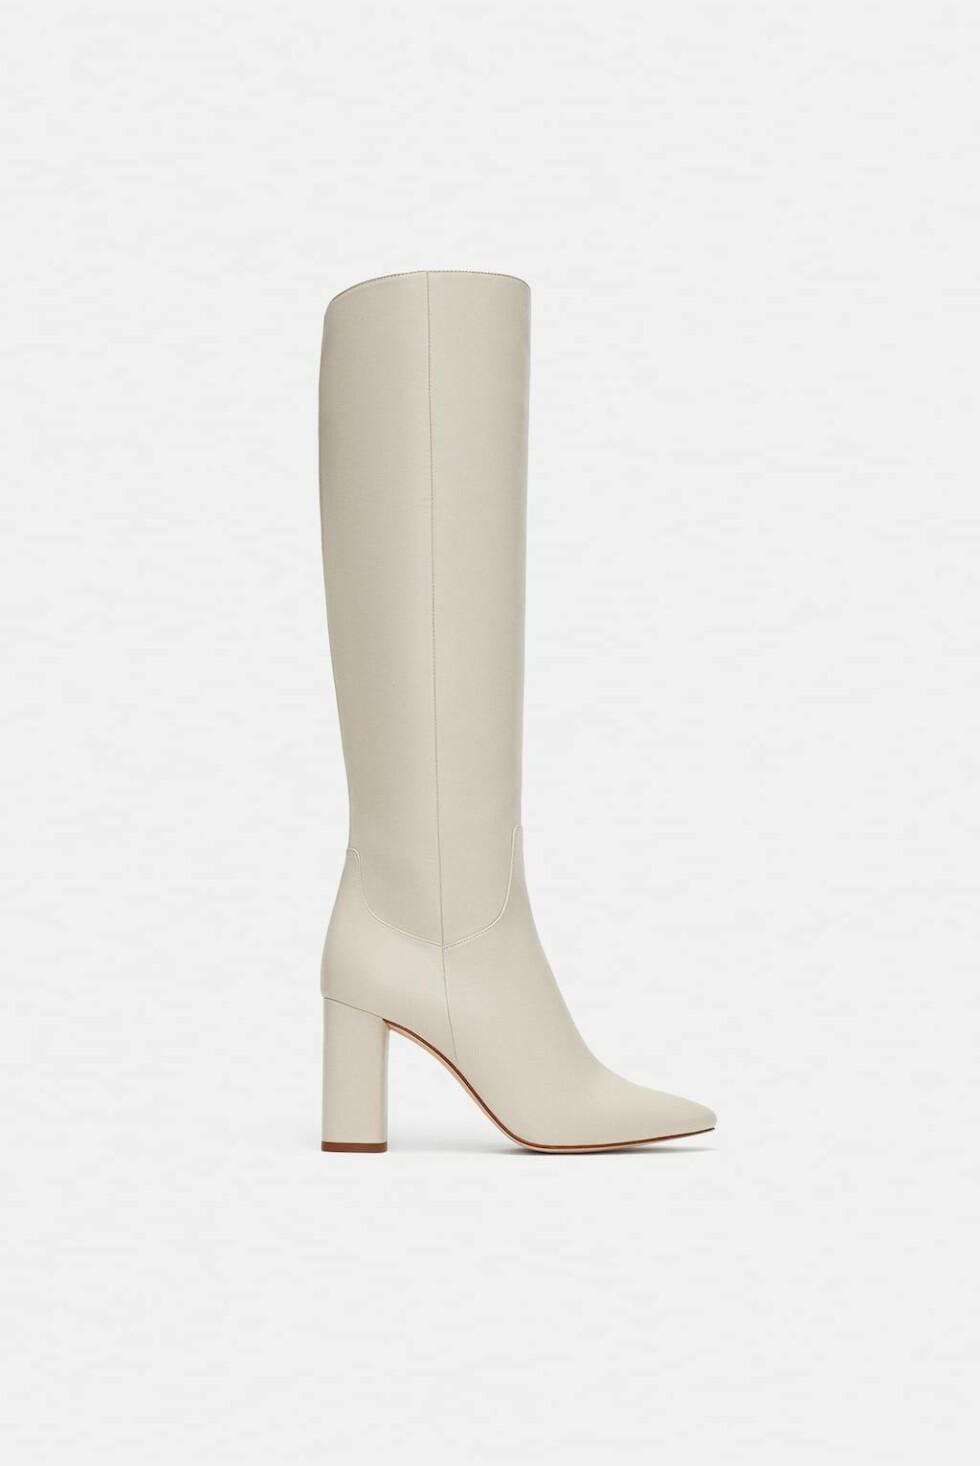 Boots fra Zara |1400,-| https://www.zara.com/no/no/h%C3%B8yh%C3%A6lt-skinnst%C3%B8vel-p16014301.html?v1=6449636&v2=1074516